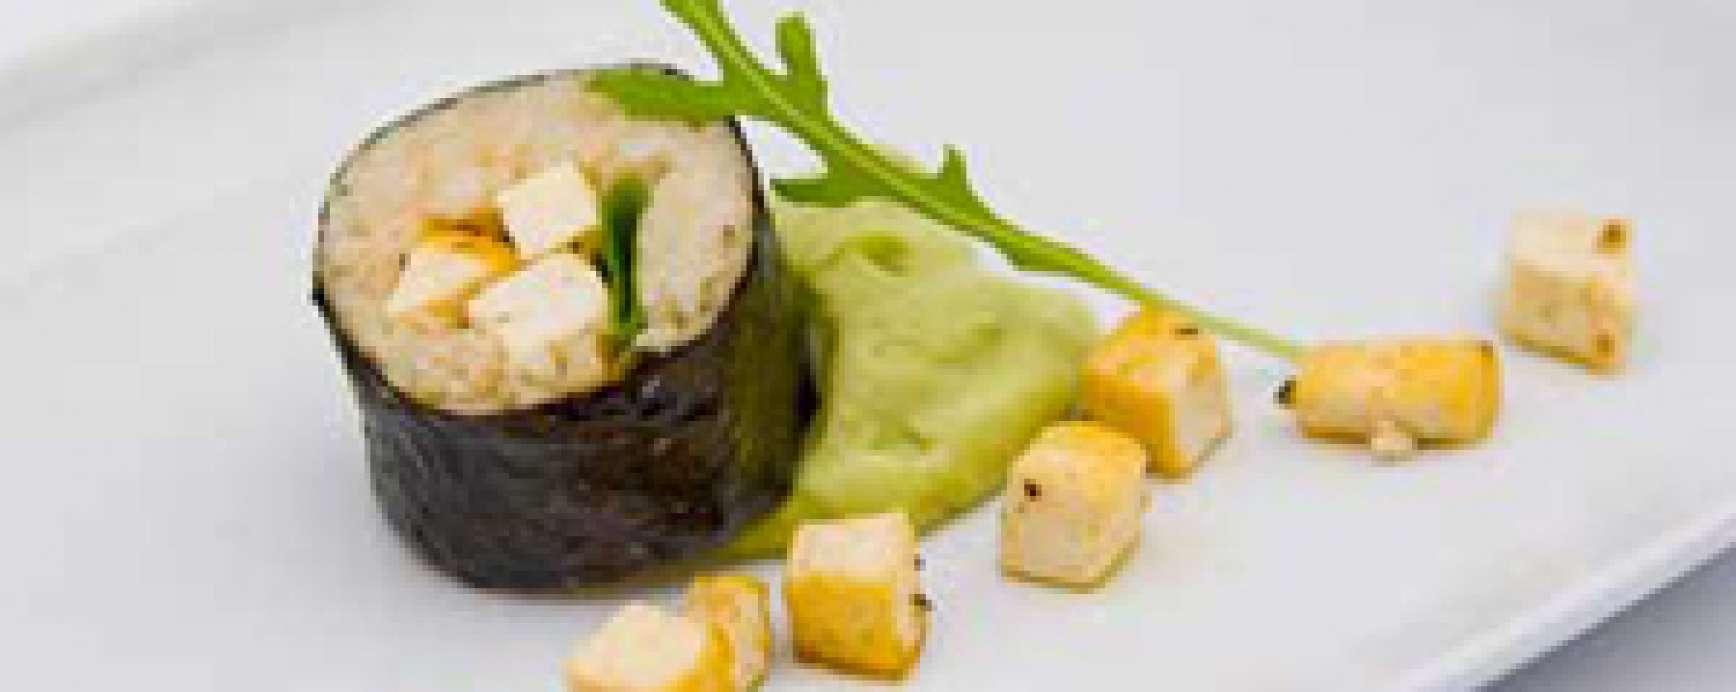 Sushi aus Blumenkohl und Bulgur mit scharfem Tofu und Avocado-Wasabi-Dip